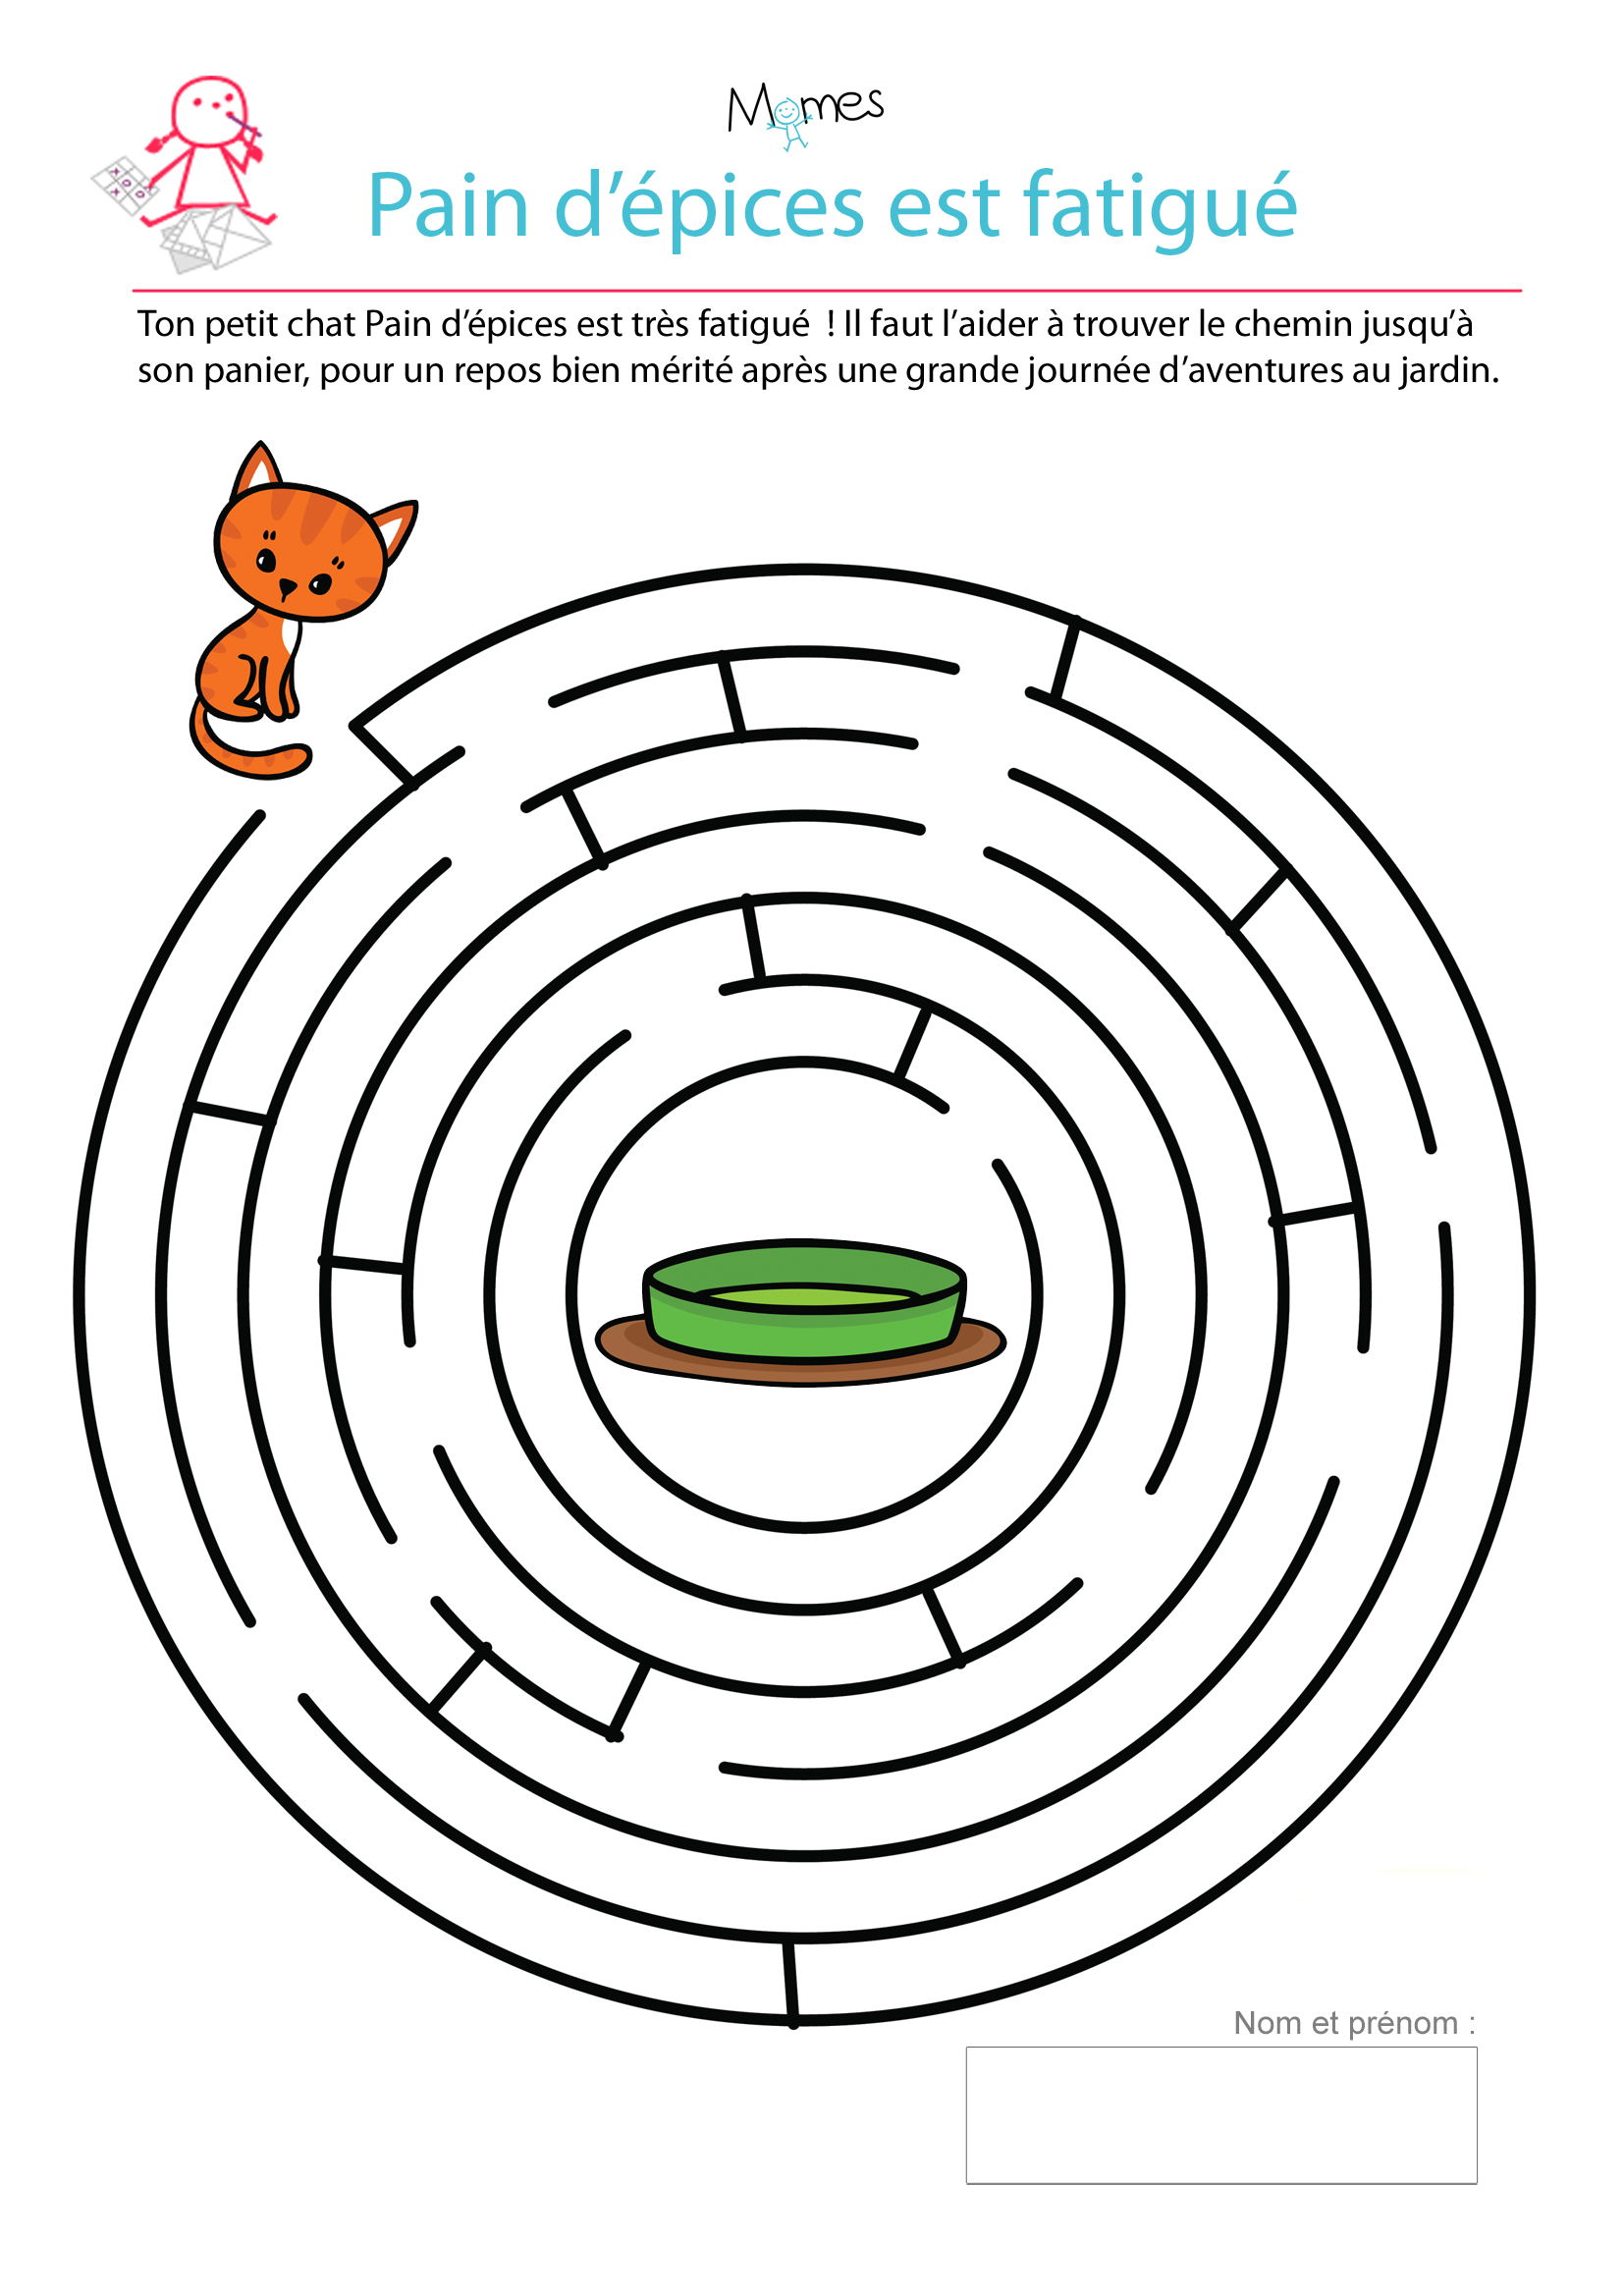 Decoration Maternelle Noel : Le labyrinthe du petit chat fatigué momes